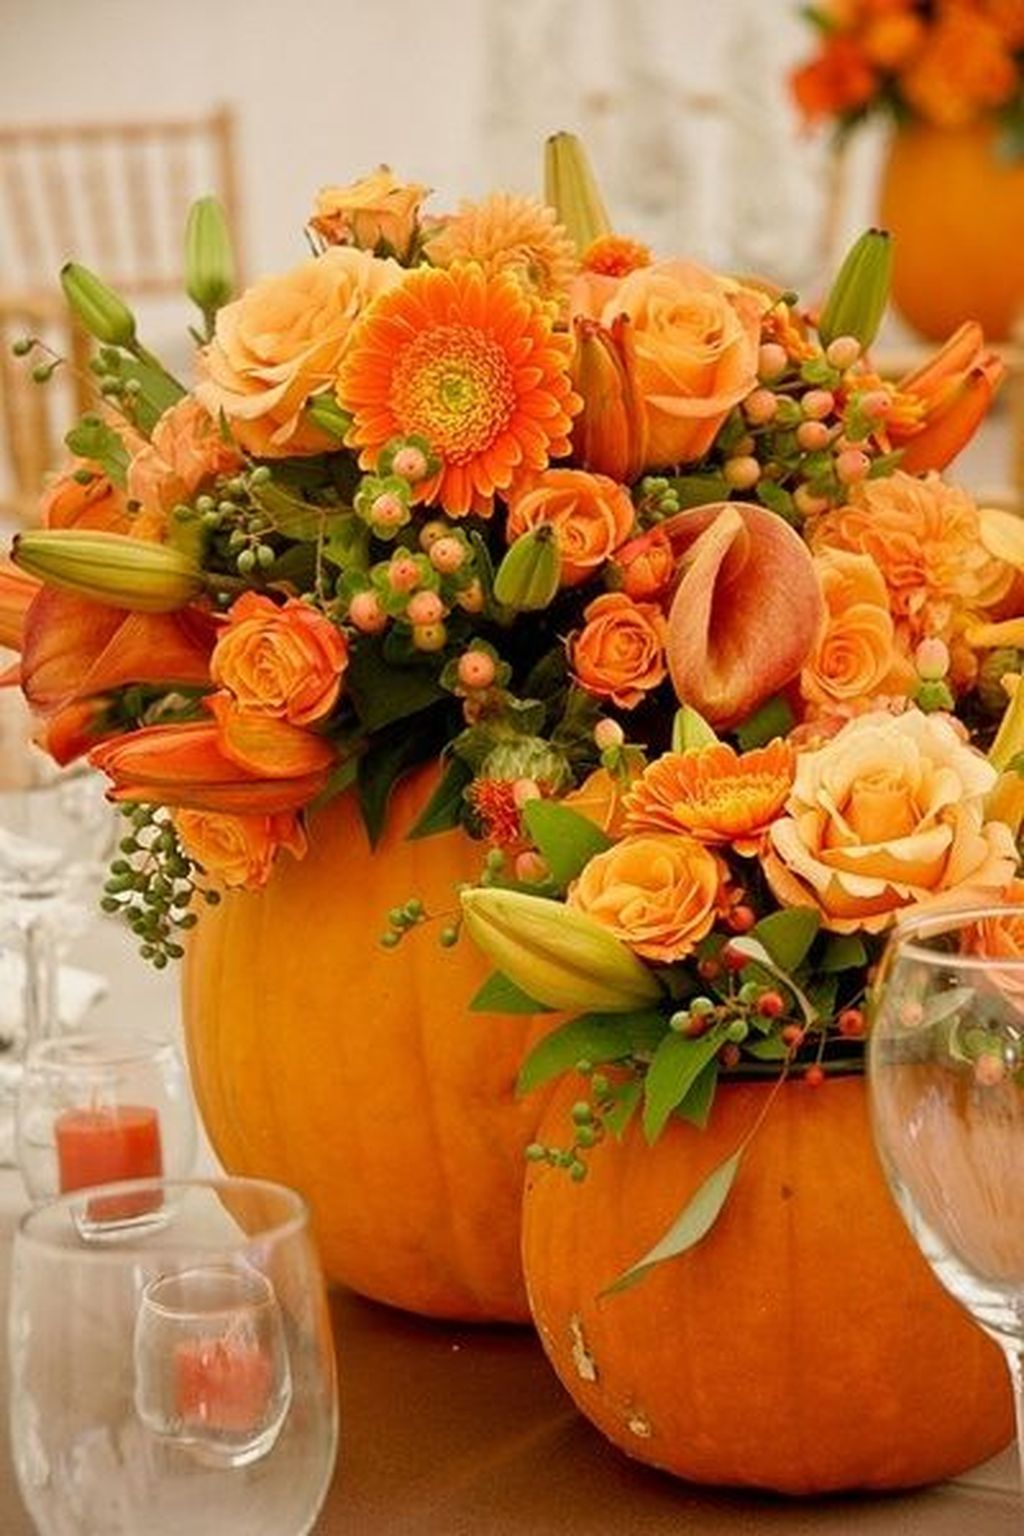 20 inspiring fall wedding centerpieces ideas holidays pumpkin rh pinterest com